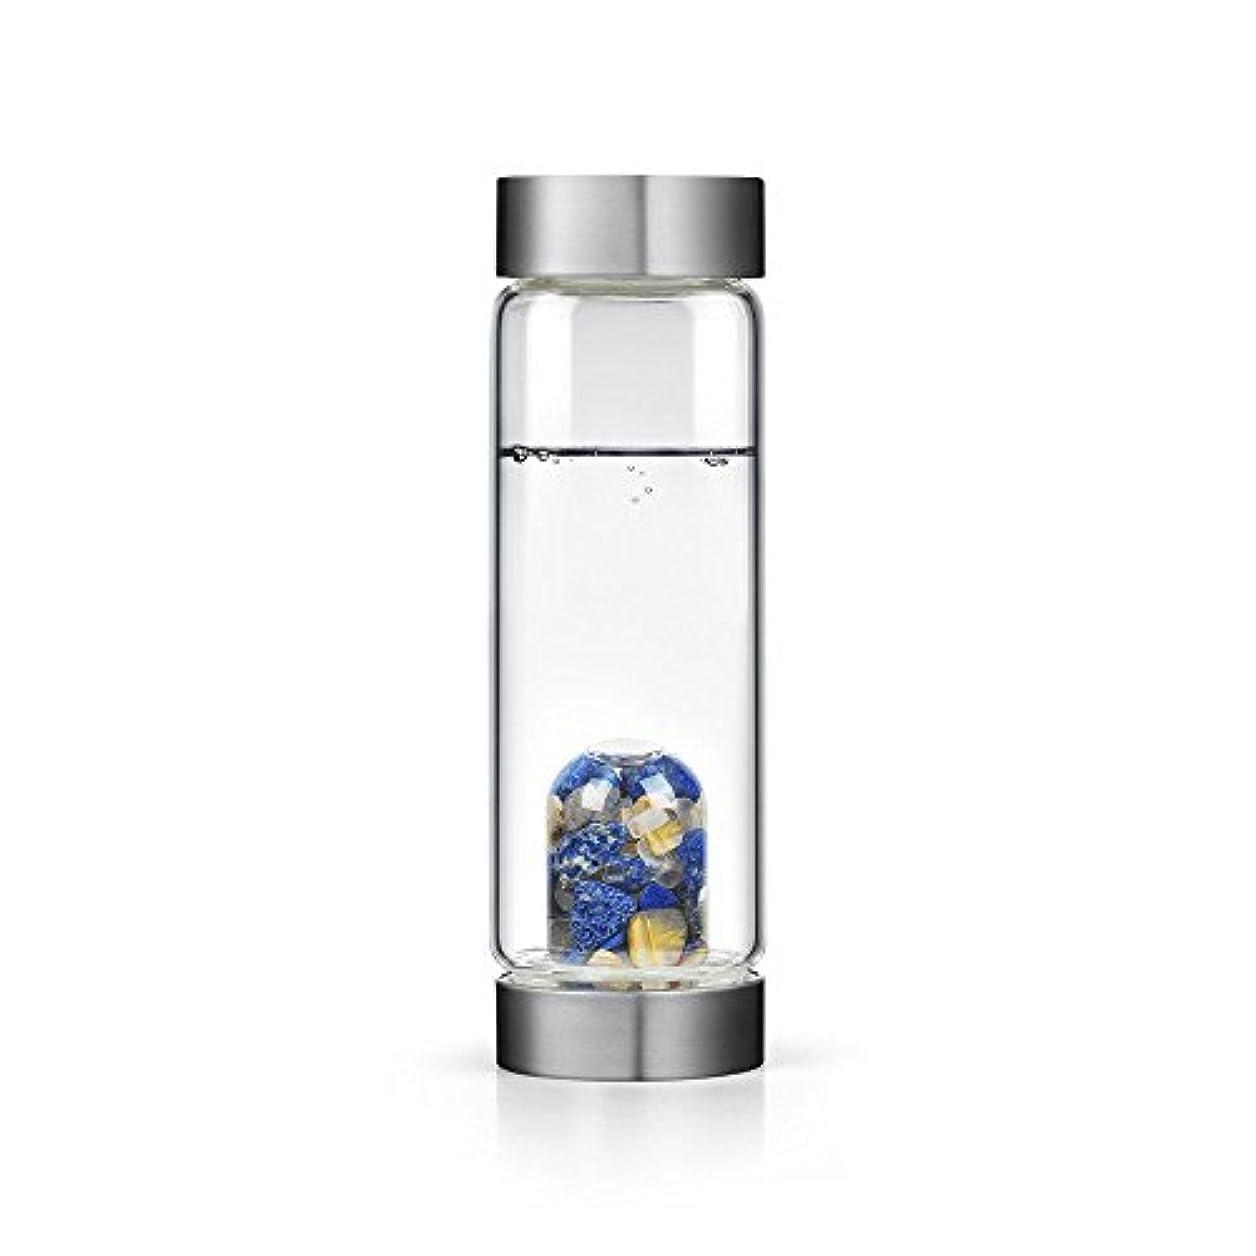 調停者生き残り気味の悪いインスピレーションgem-waterボトルby VitaJuwel W / Freeカリフォルニアホワイトセージバンドル 16.9 fl oz